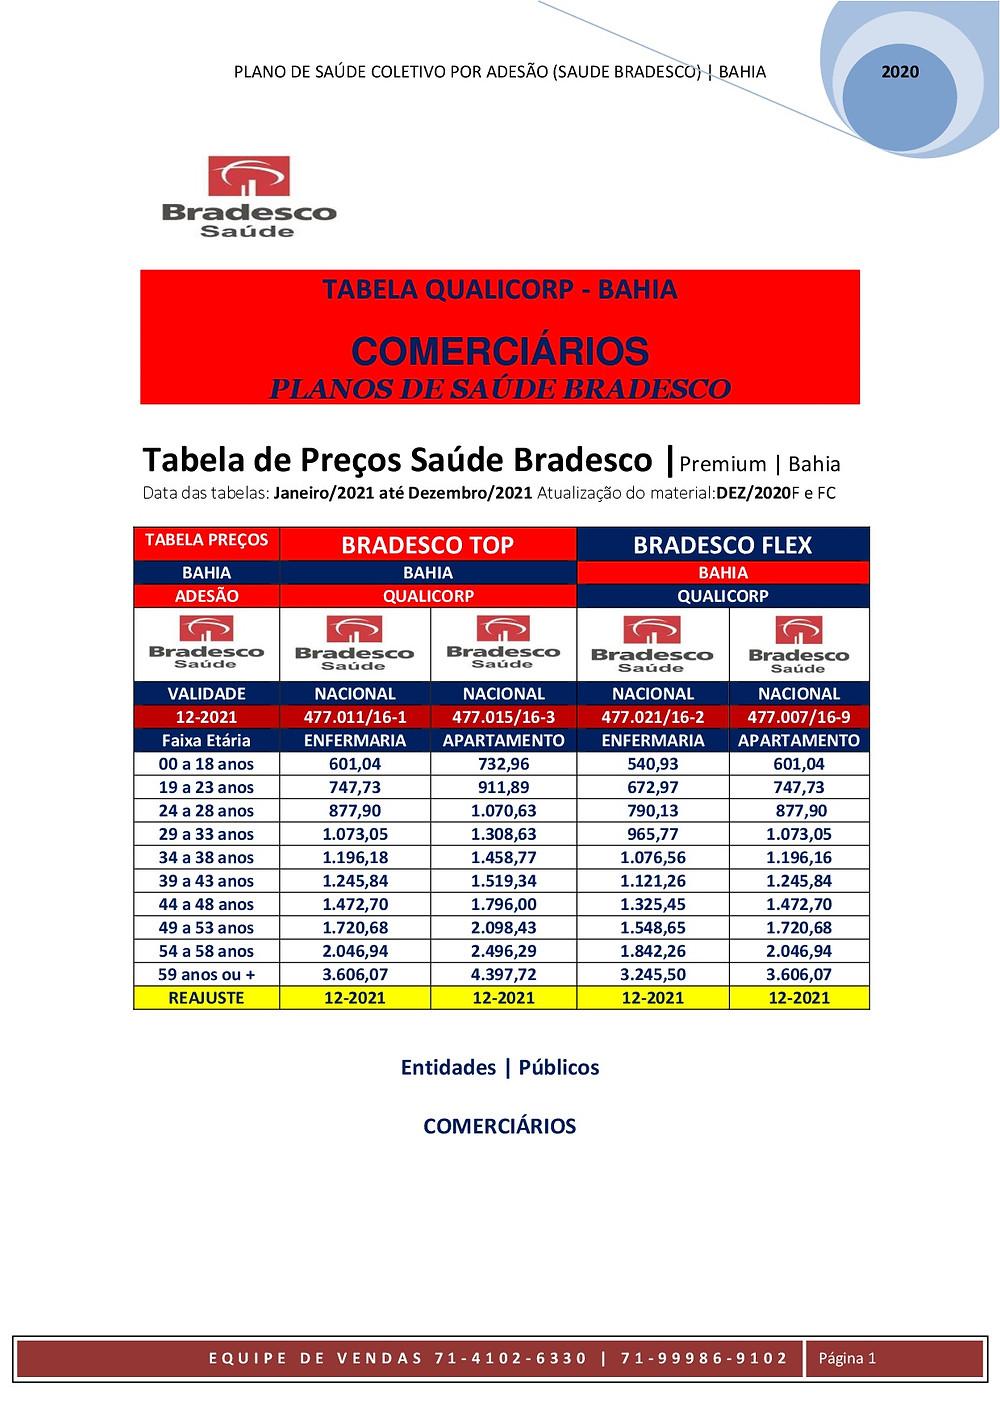 Comerciarios | Saude Bradesco por Adesão | Tabelas Qualicorp